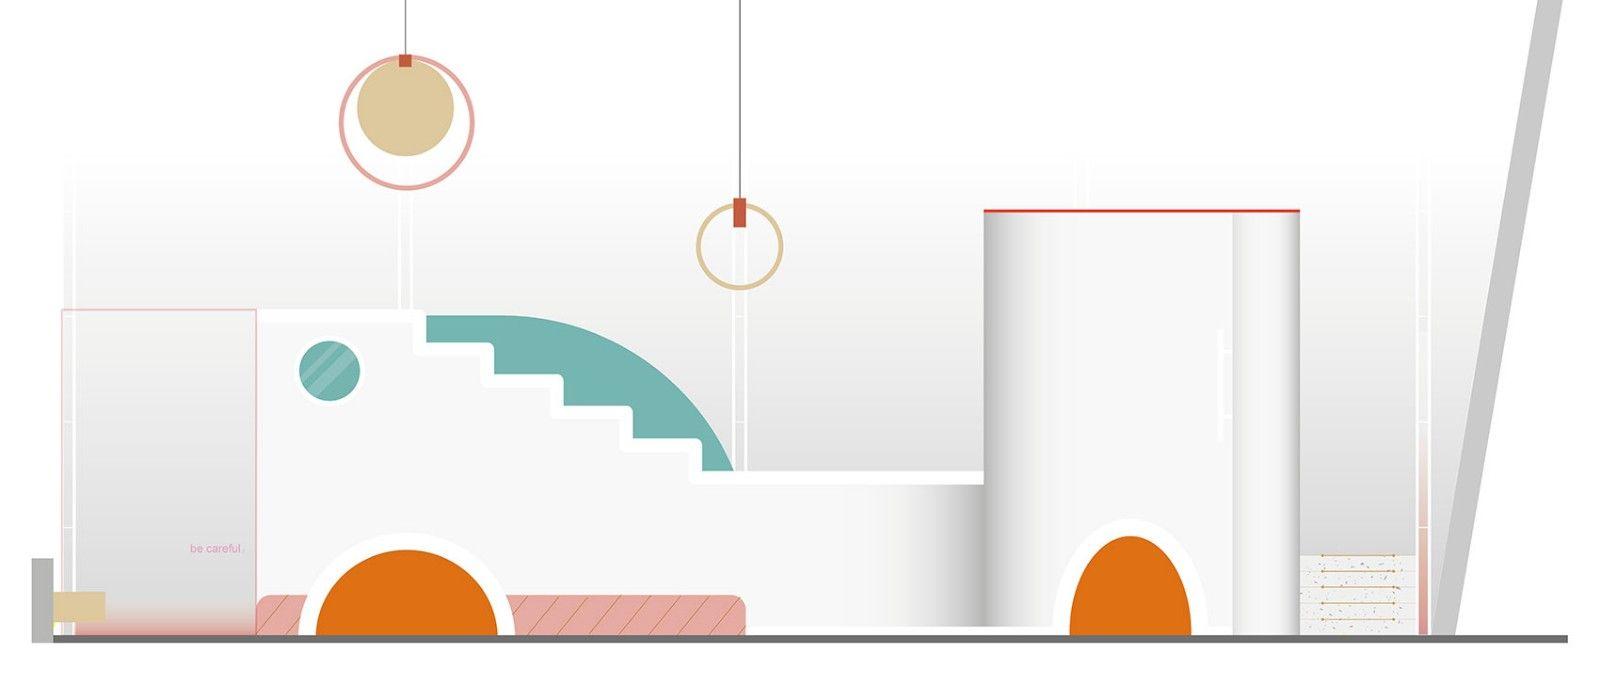 长风大悦城会员空间,上海 / 裸筑更新 裸筑更新建筑设计 - 31